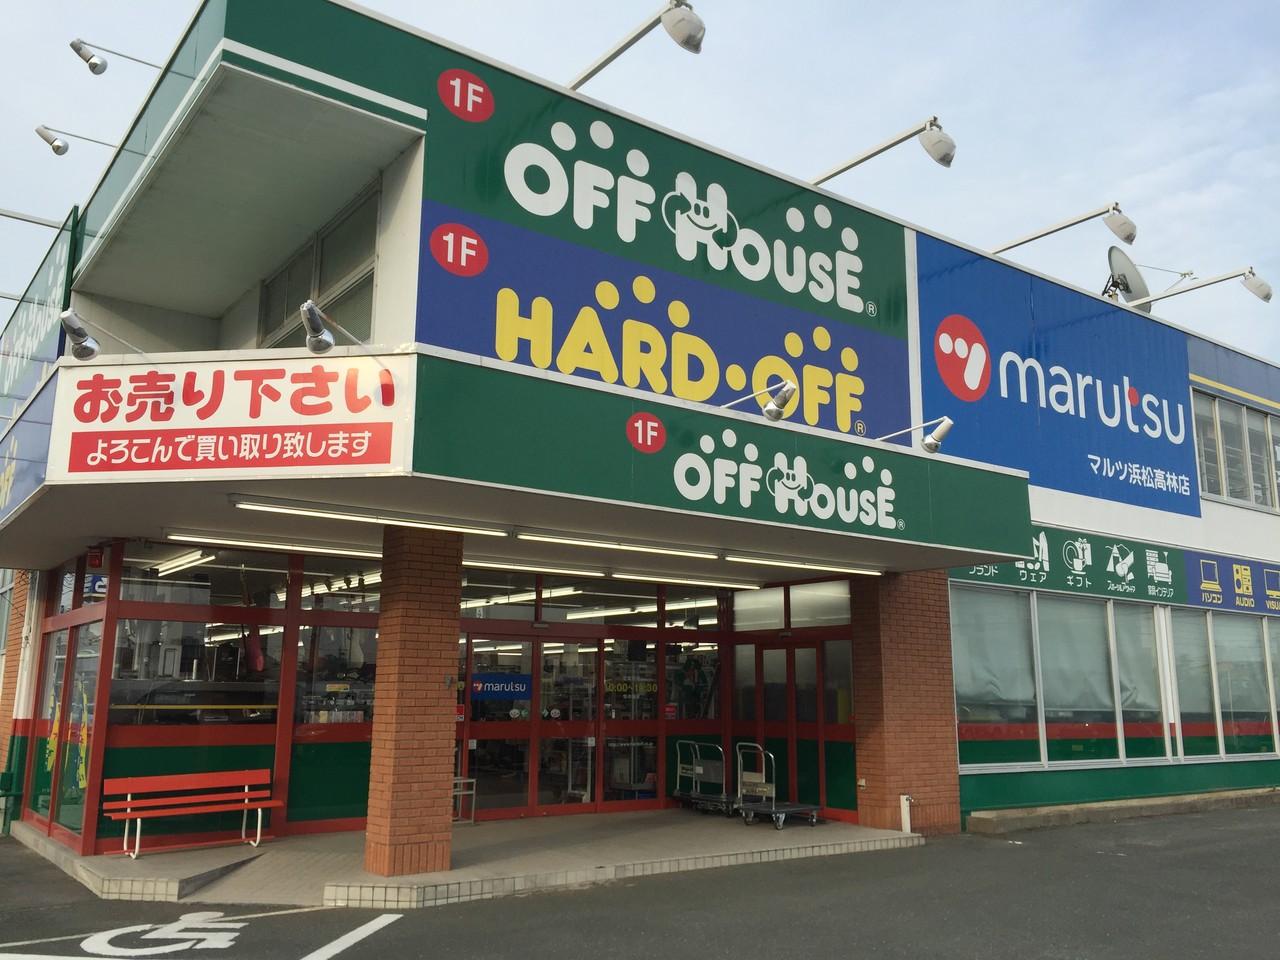 15ca492106 浜松で電子工作をする人なら、みんな知ってる高林のマルツ! 実店舗を全国展開している唯一のお店 で、浜松では数少ない...というか、ほぼ唯一の電子パーツを買えるお店 ...